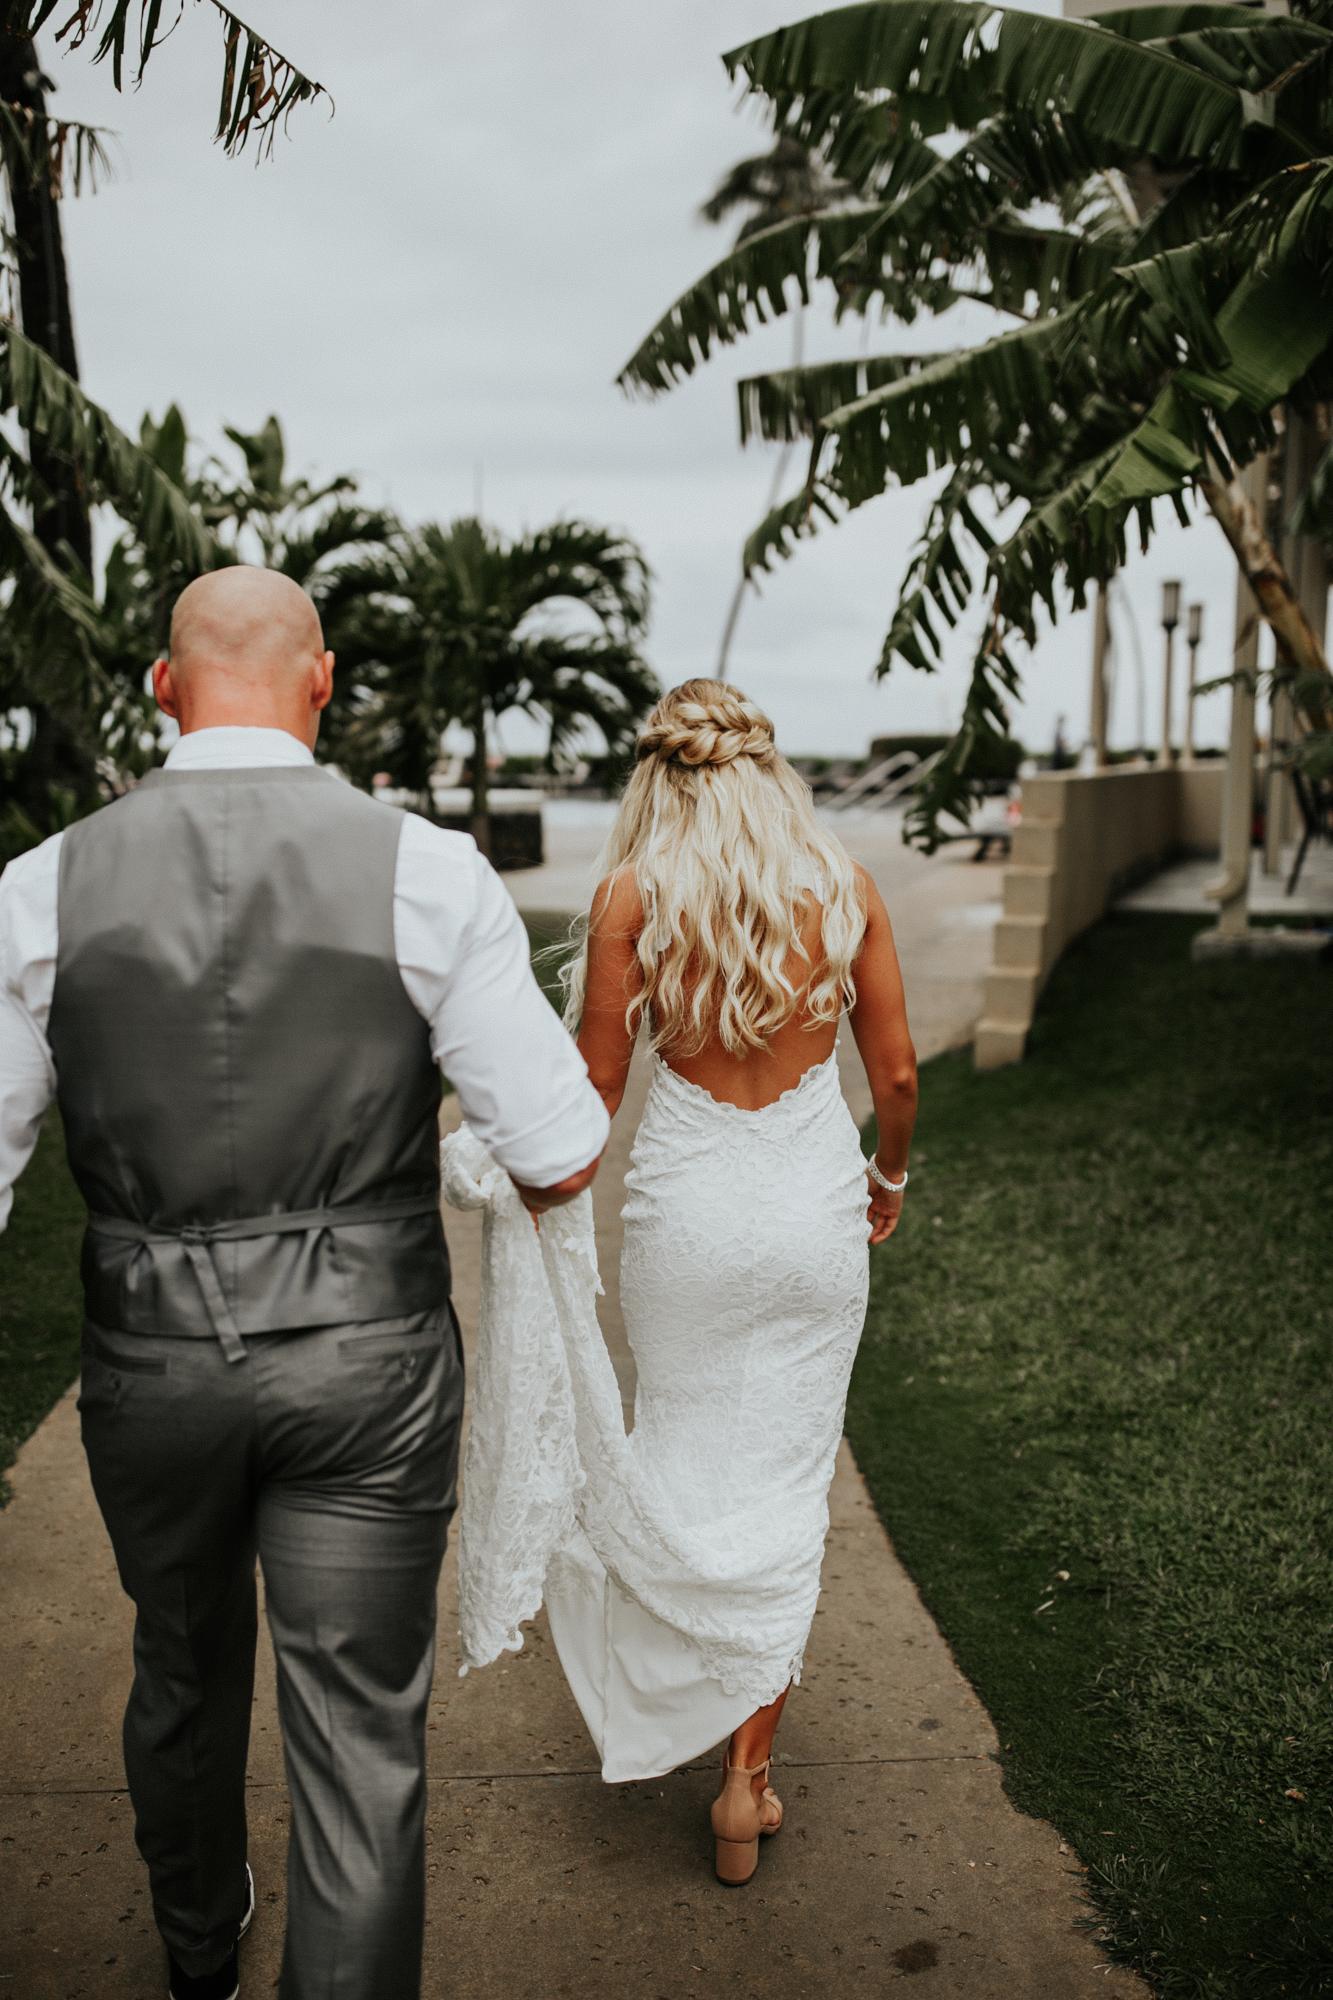 destination-wedding-photographer-hawaii-maui-elopement-37.jpg